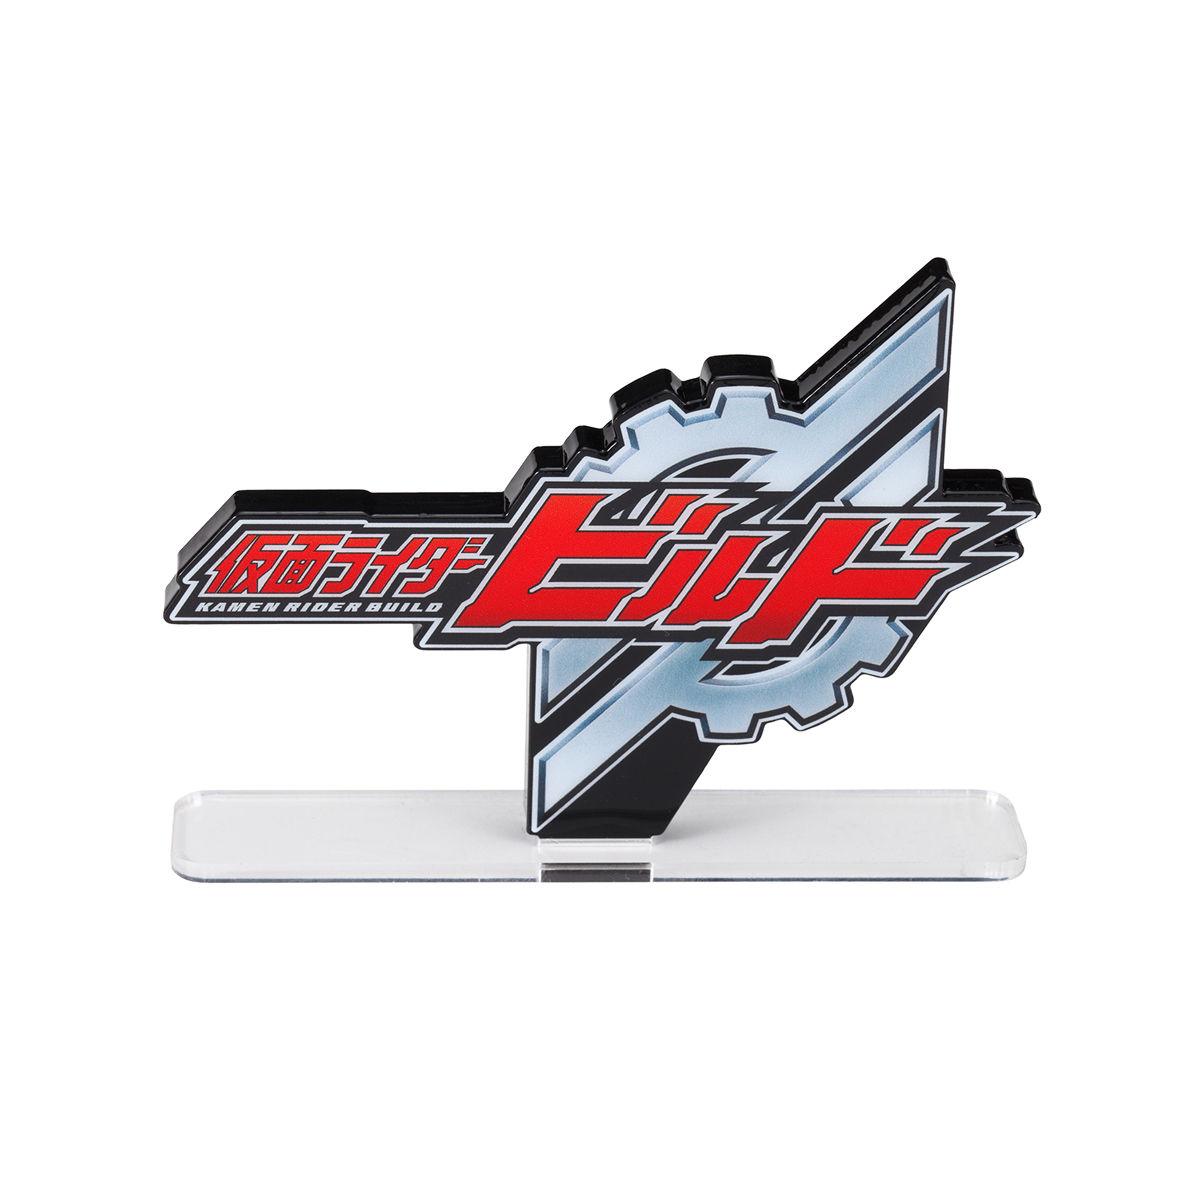 ACRYLIC LOGO DISPLAY EX 假面騎士Build